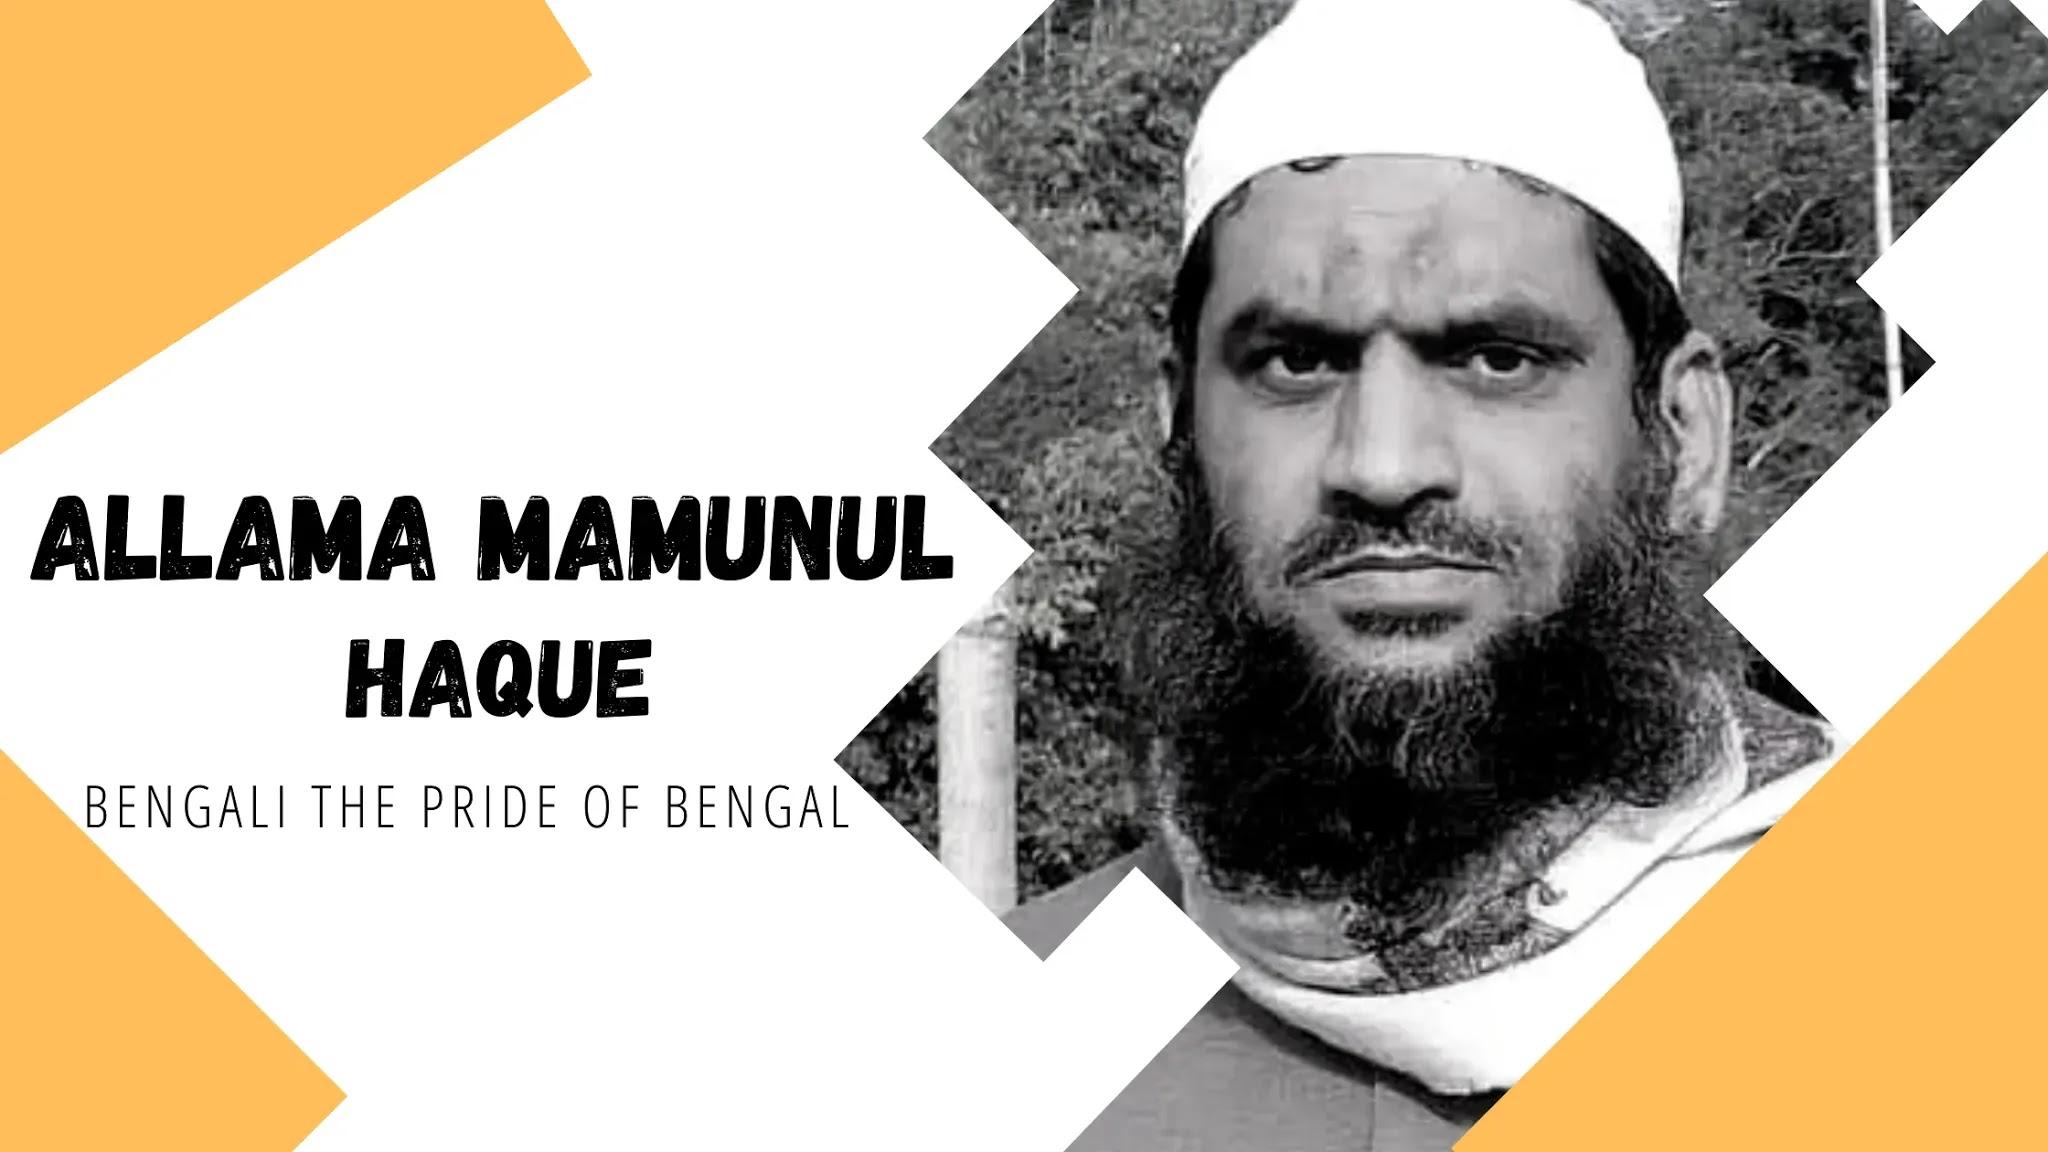 mamunul haque biography